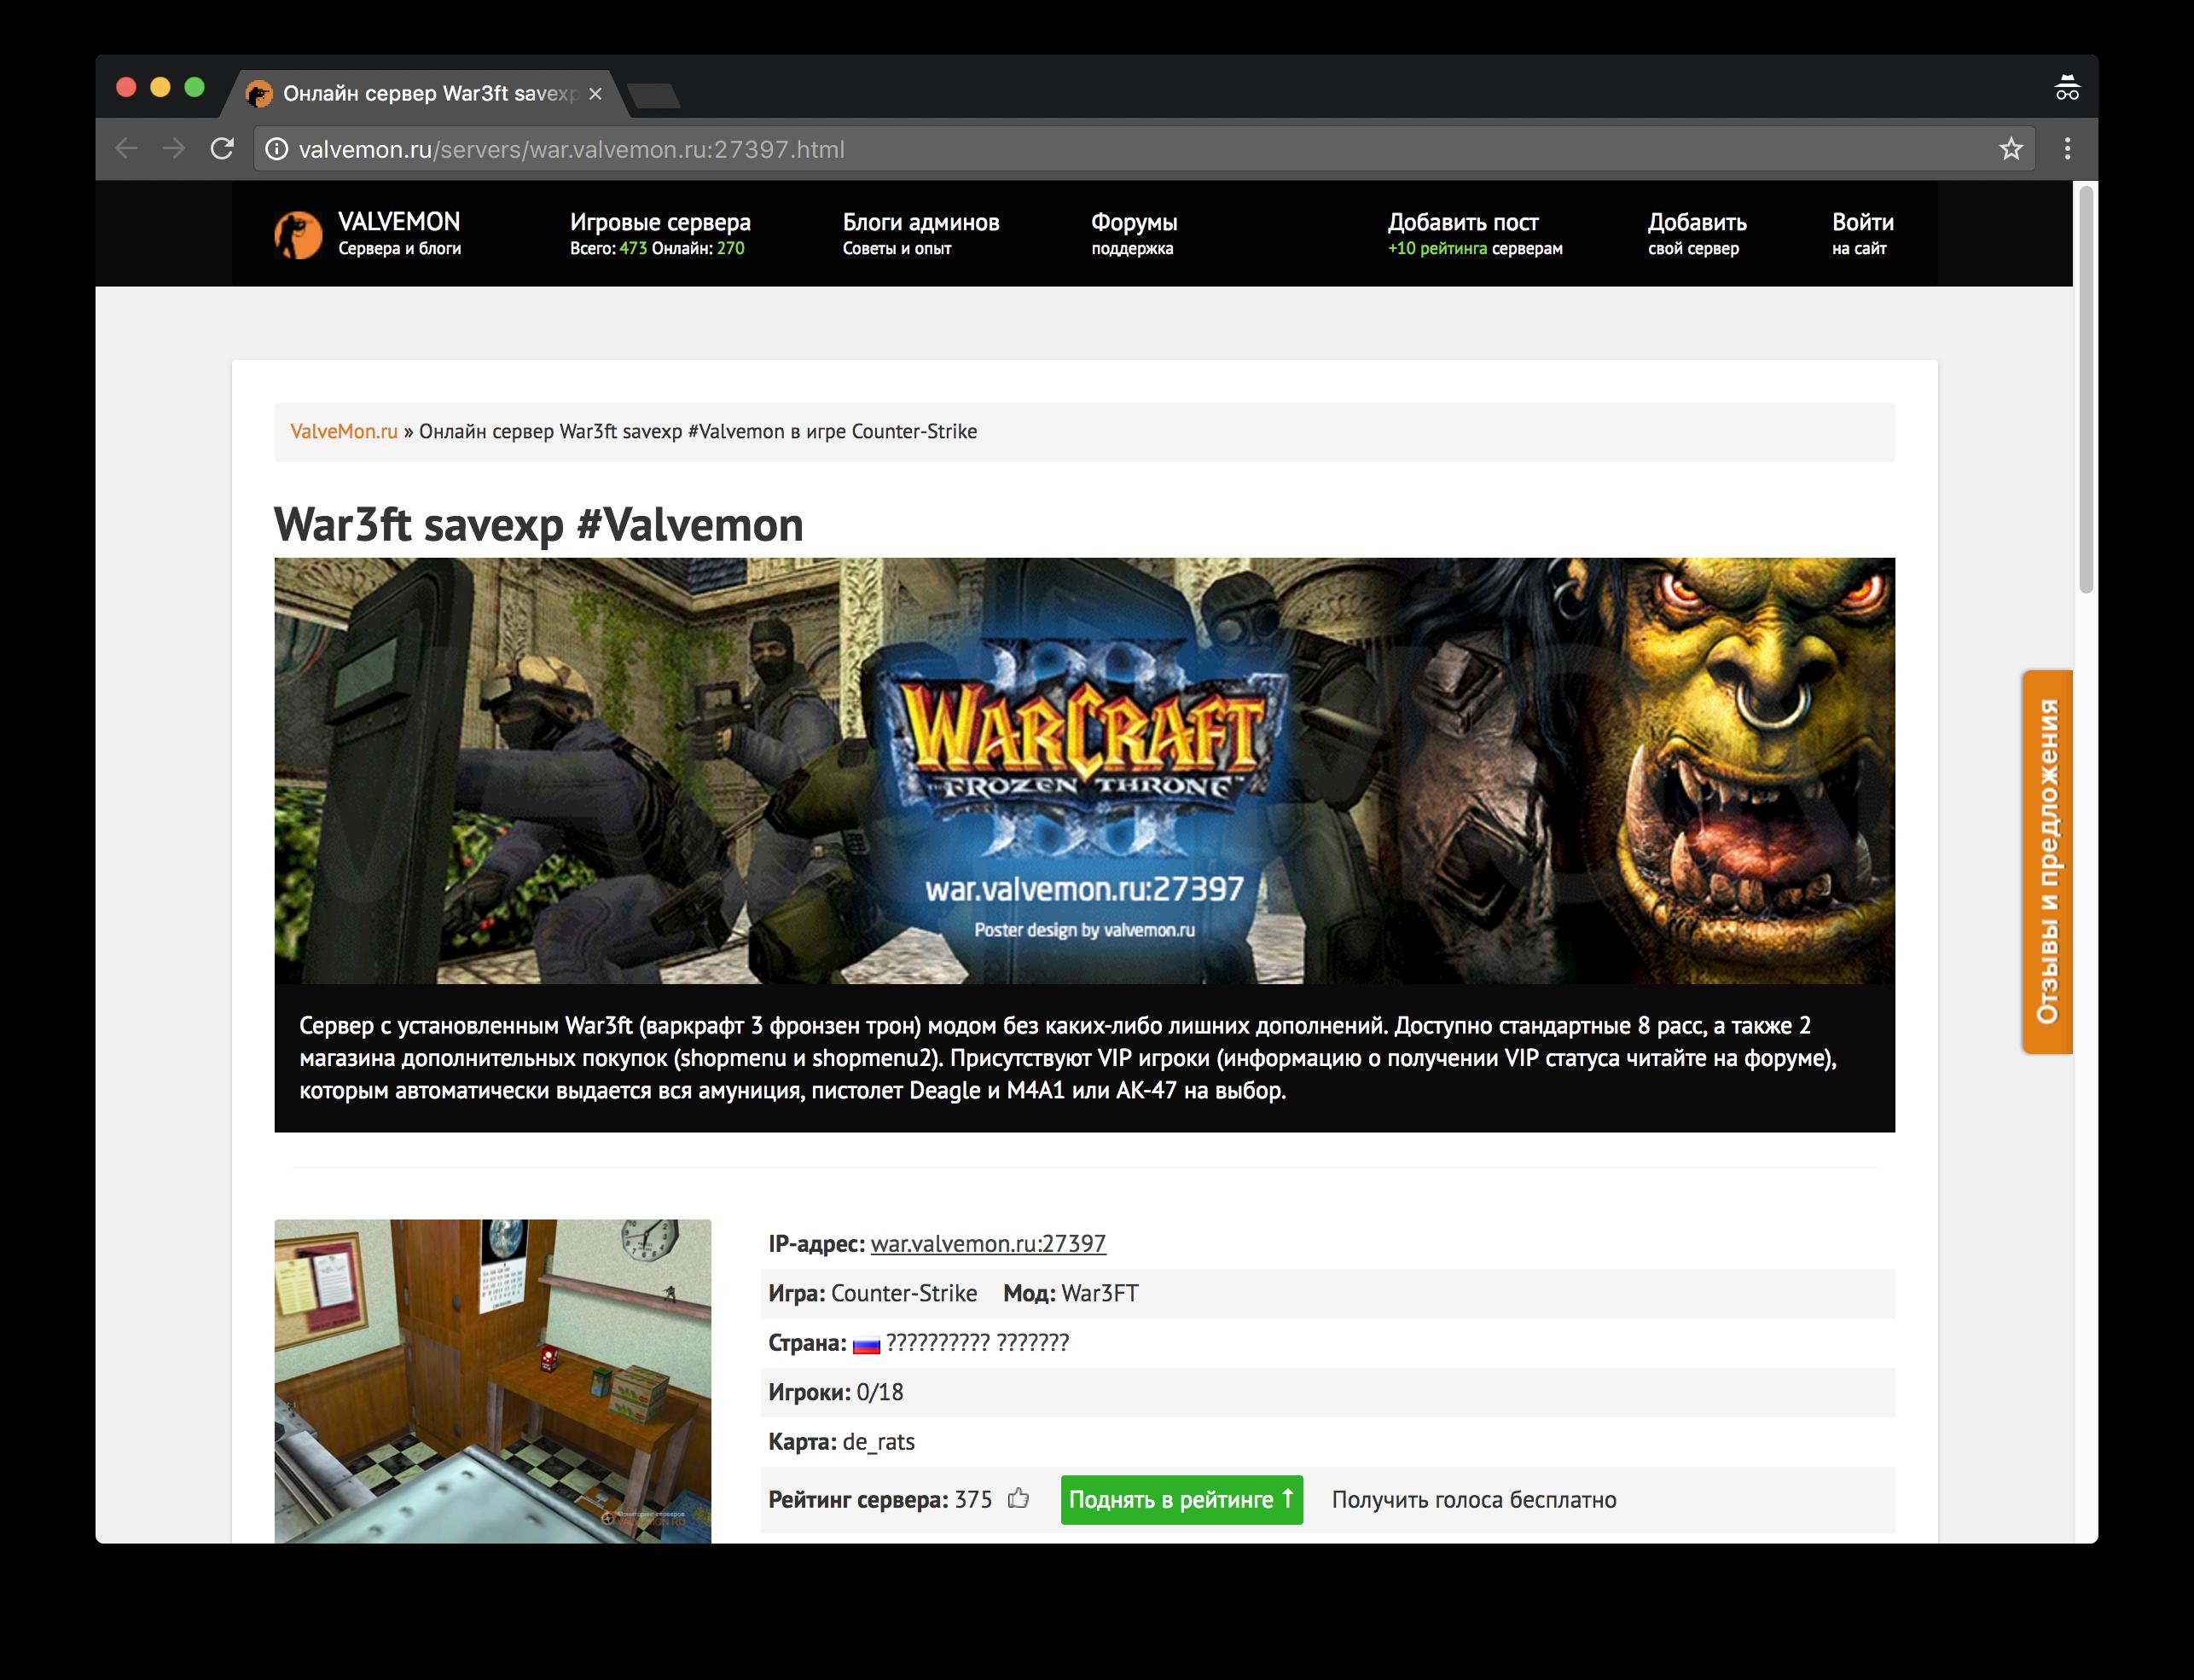 Сделать сайт игр как сделать оплату услуг на сайте электронными деньгами